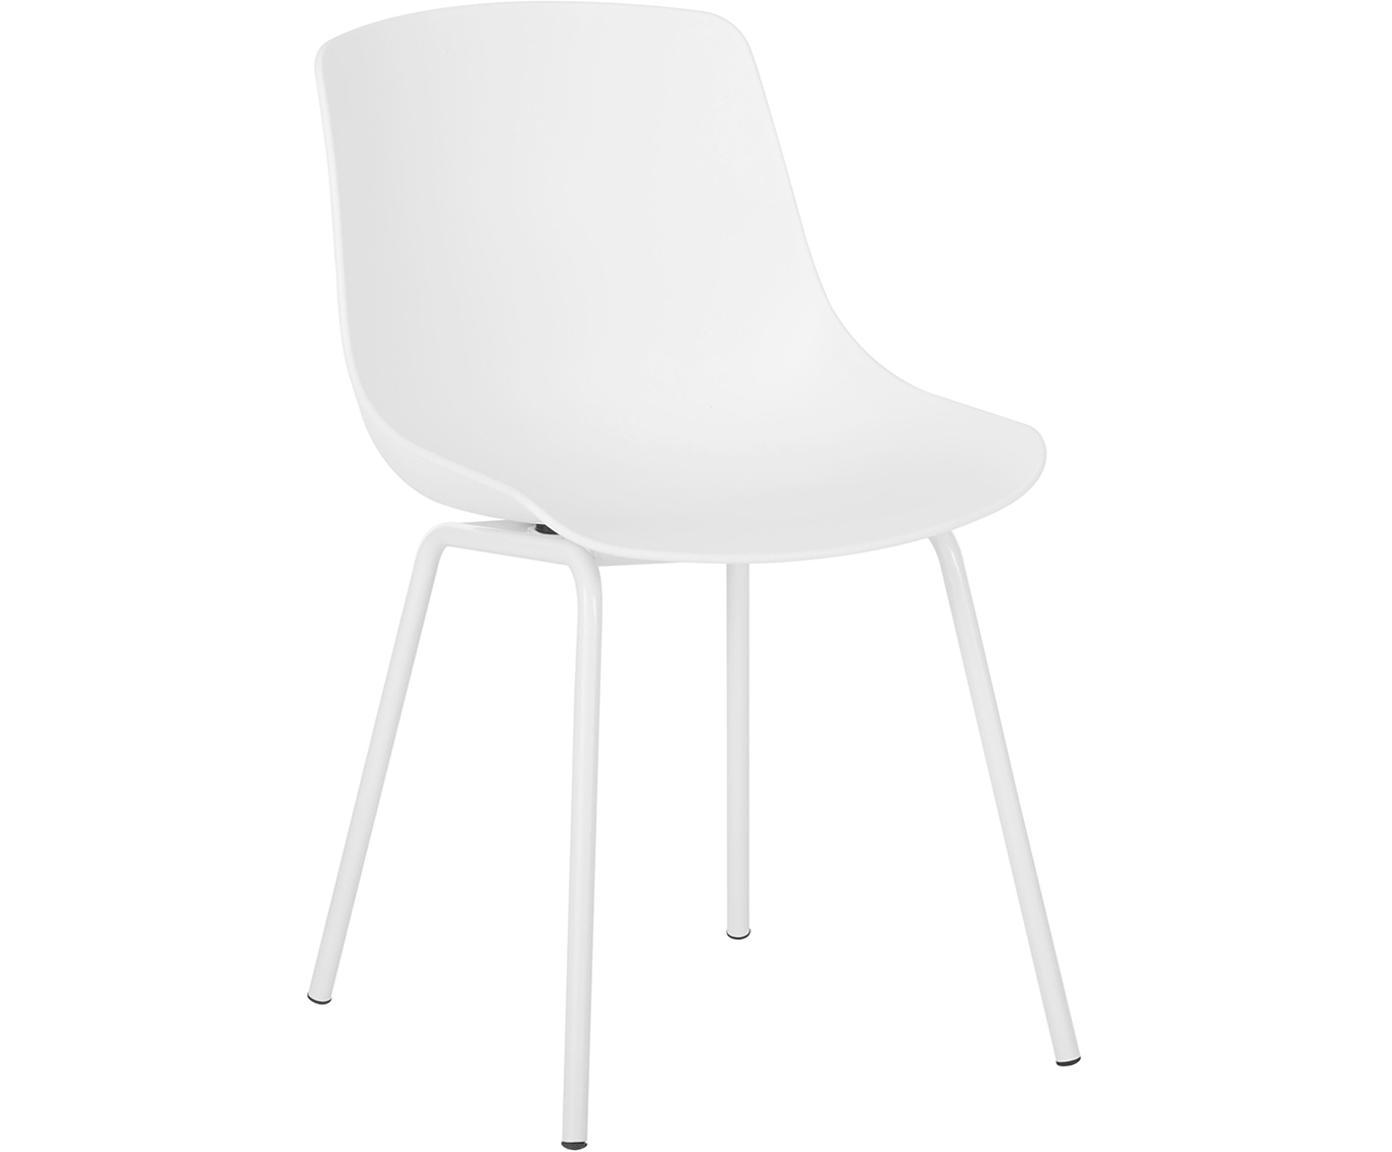 Krzesło z tworzywa sztucznego Joe, 2 szt., Nogi: metal malowany proszkowo, Biały, S 46 x G 53 cm